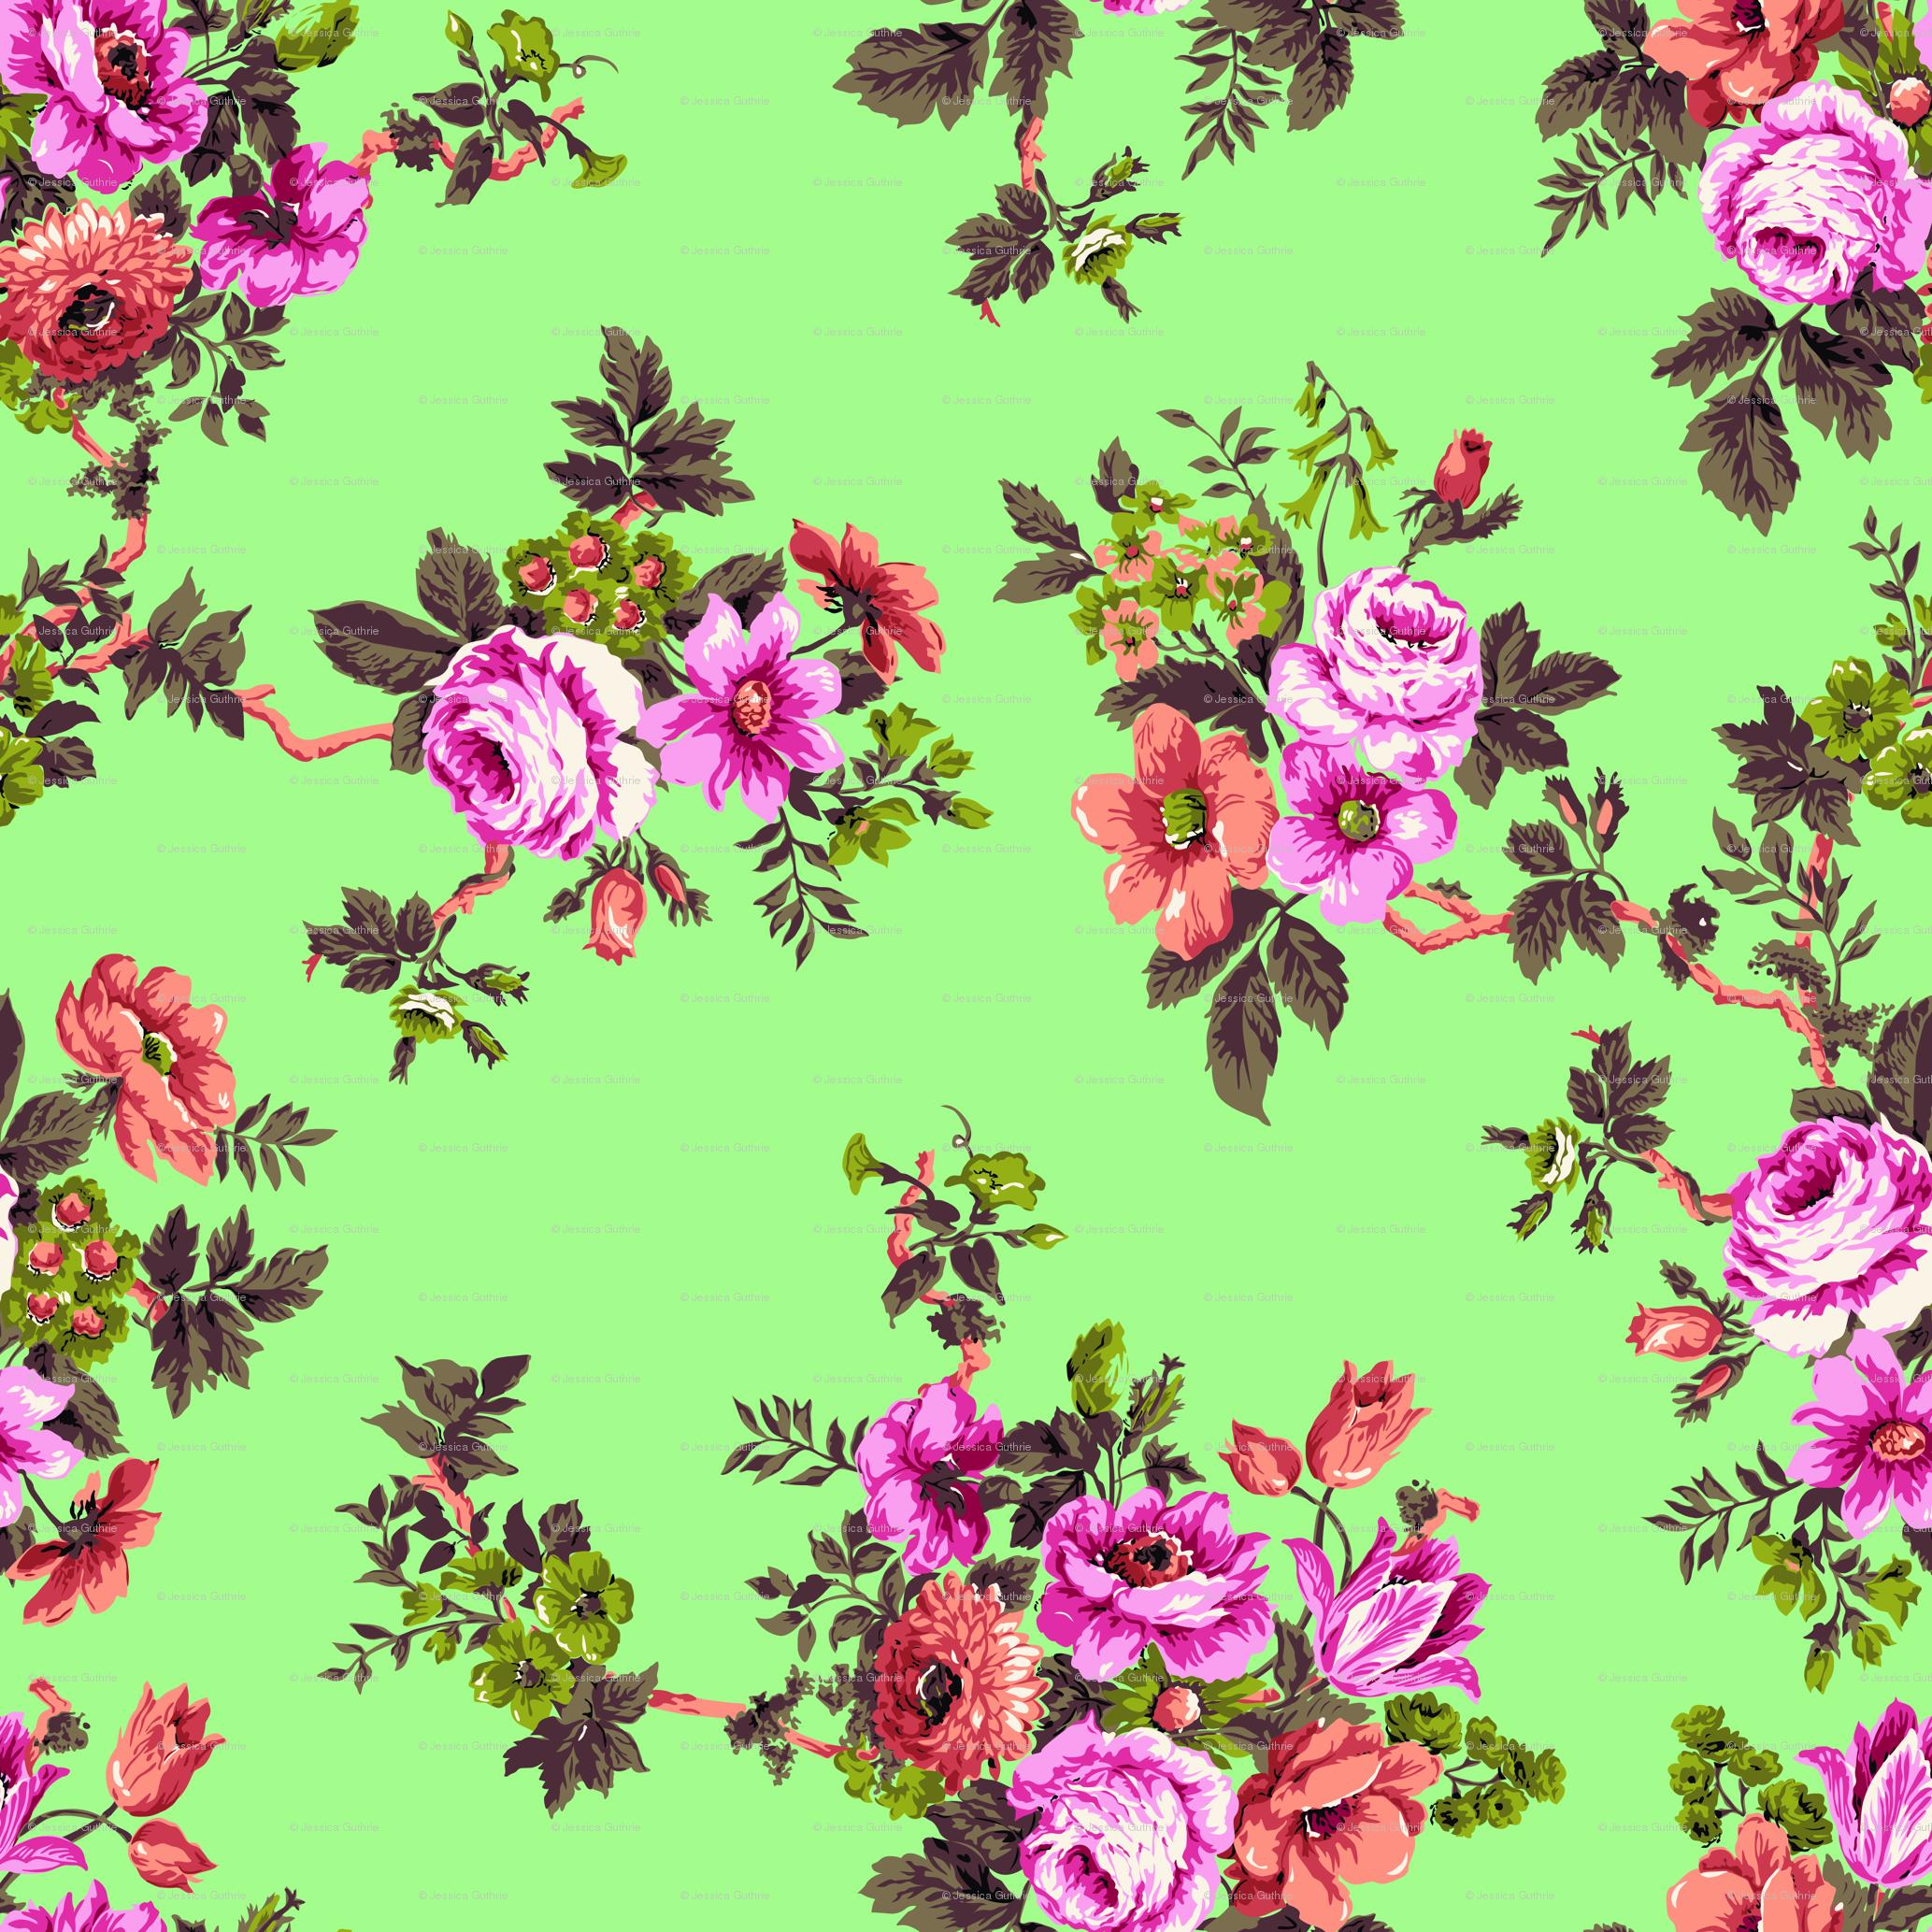 Download Vintage Floral Print Desktop Wallpaper Japanese Floral